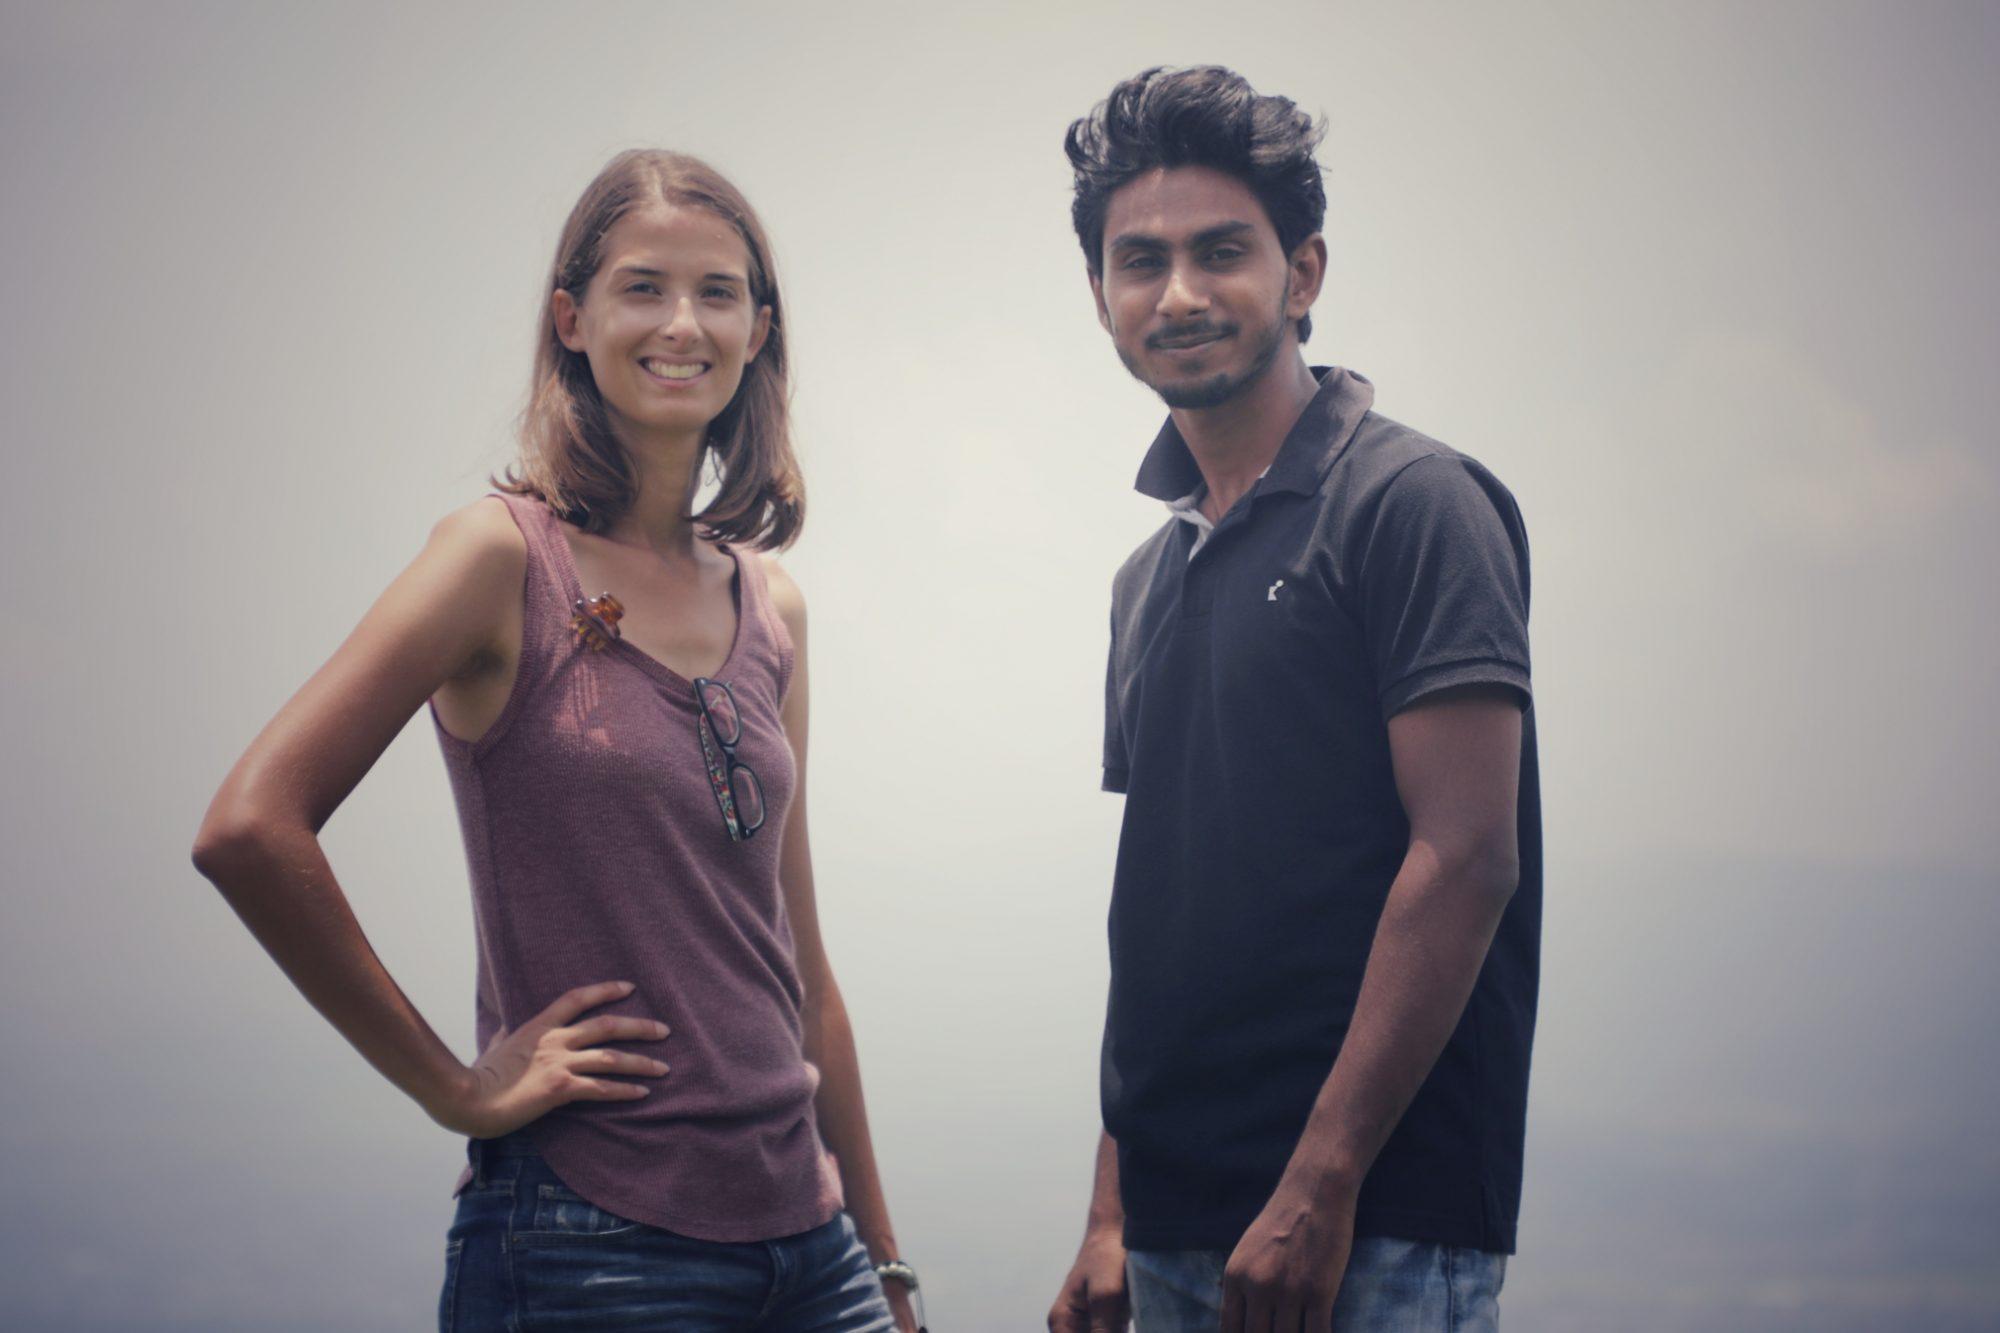 Shahrukh Khan et Marion posent devant l'objectif